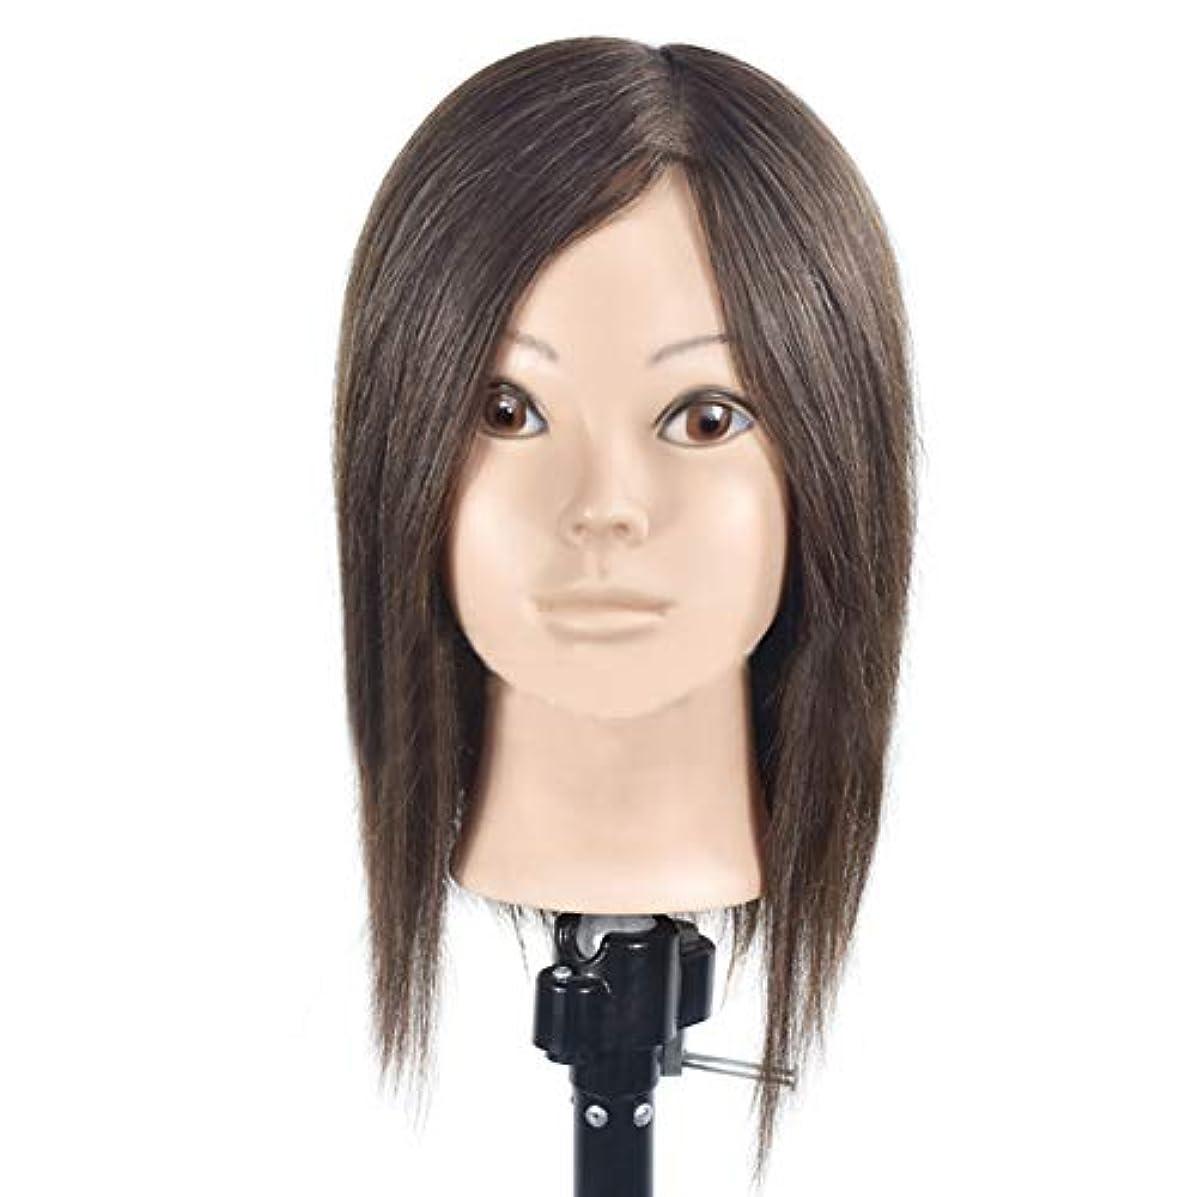 脚本豆腐再現する本物の人間の髪のかつらの頭の金型の理髪の髪型のスタイリングマネキンの頭の理髪店の練習の練習ダミーヘッド